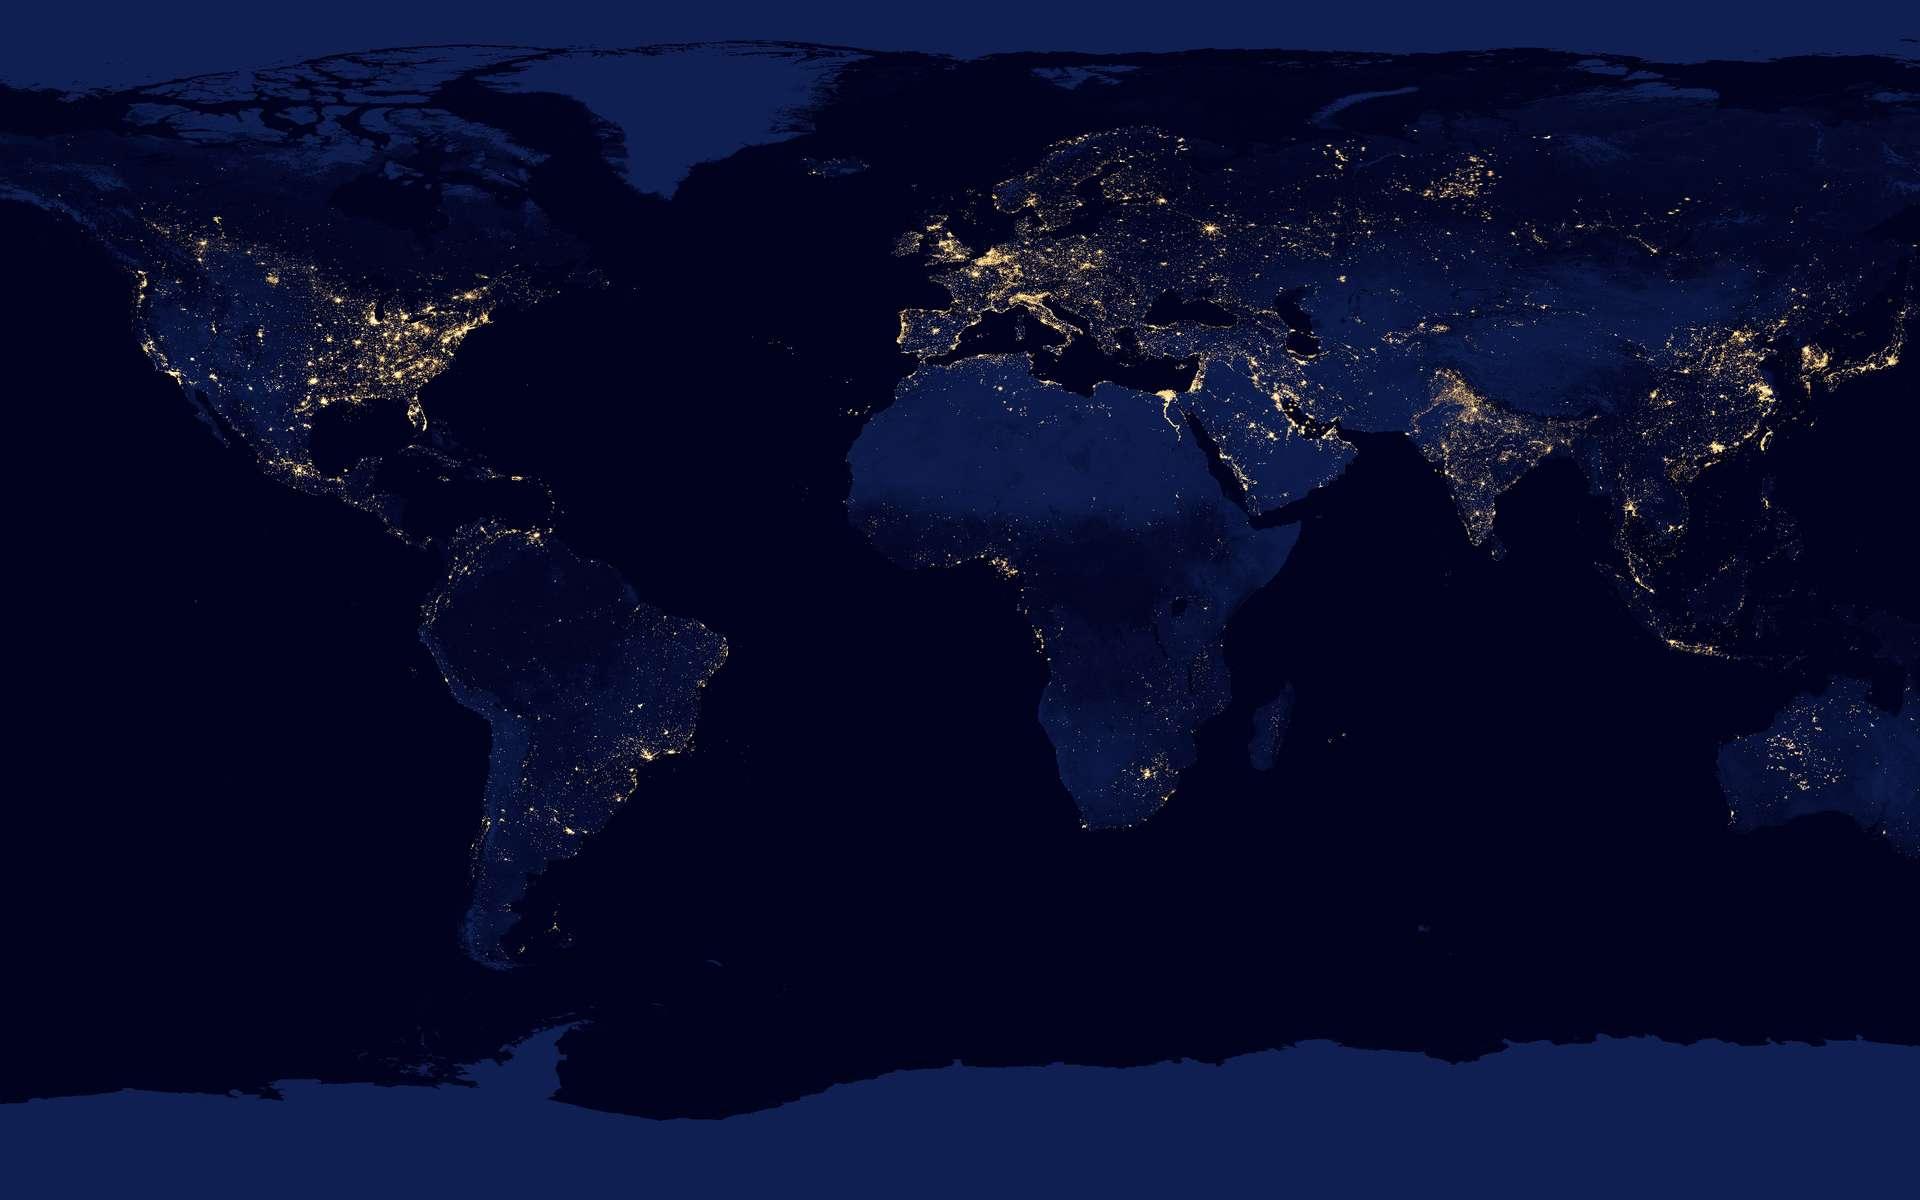 La Terre en 2012. Les lumières allumées valent bien une carte sur l'accès à l'électricité dans le monde... © Nasa